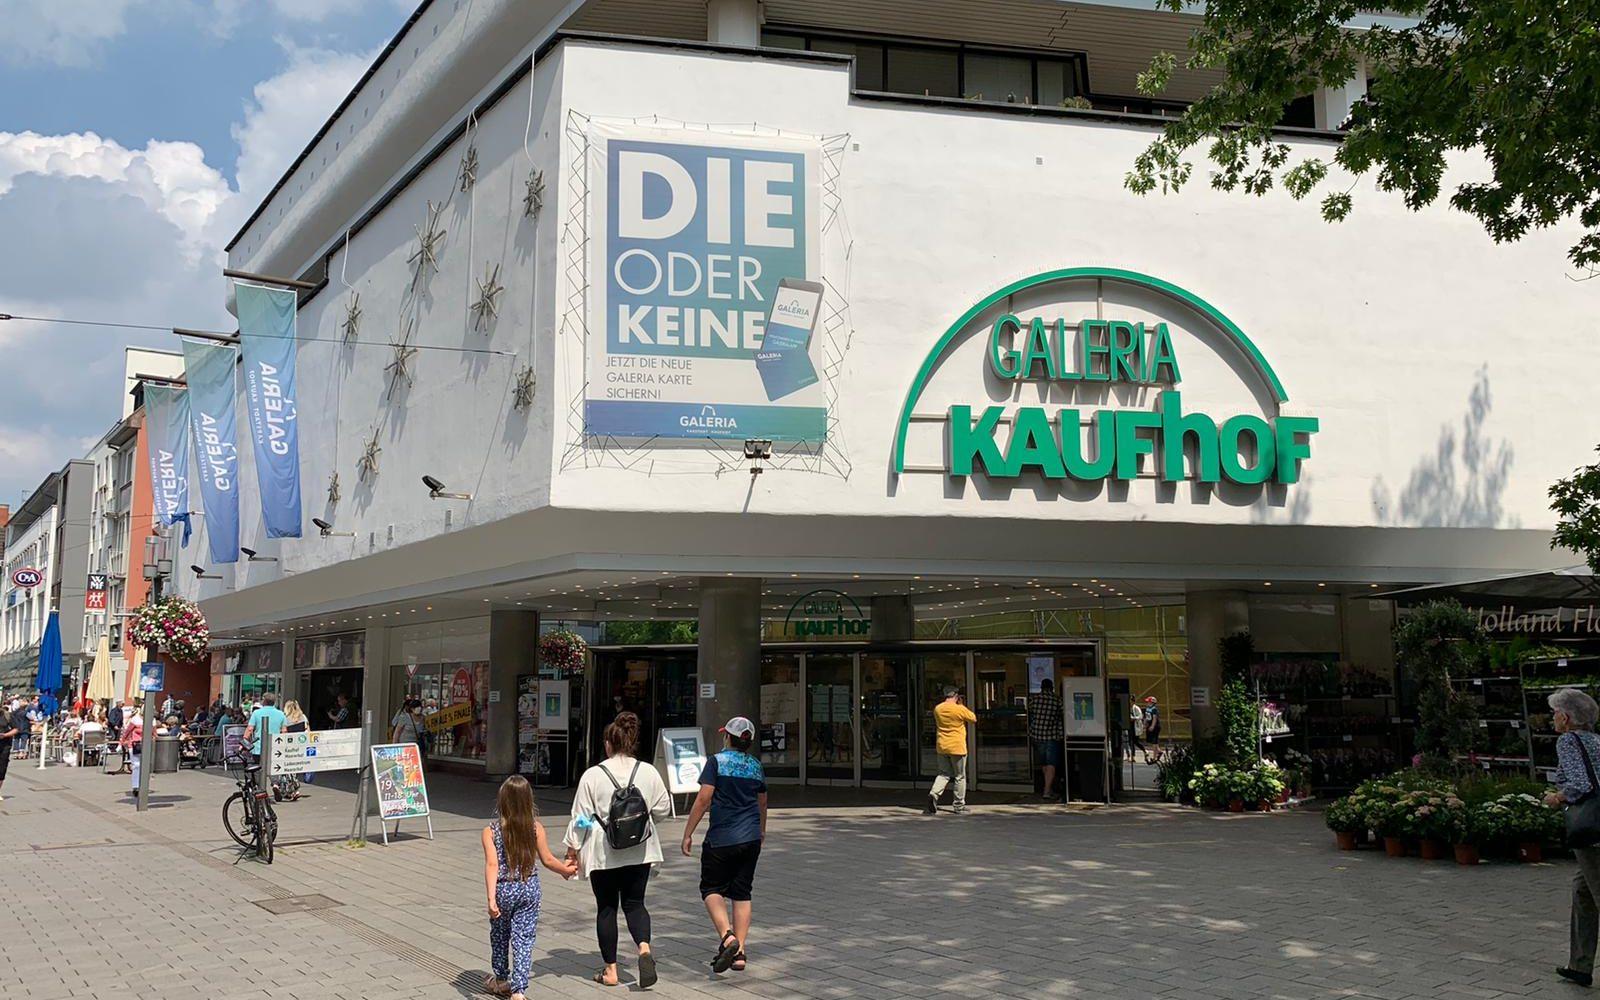 Gibt es eine Zukunft  mit dem Kaufhof? – Entwicklungen in der Innenstadt